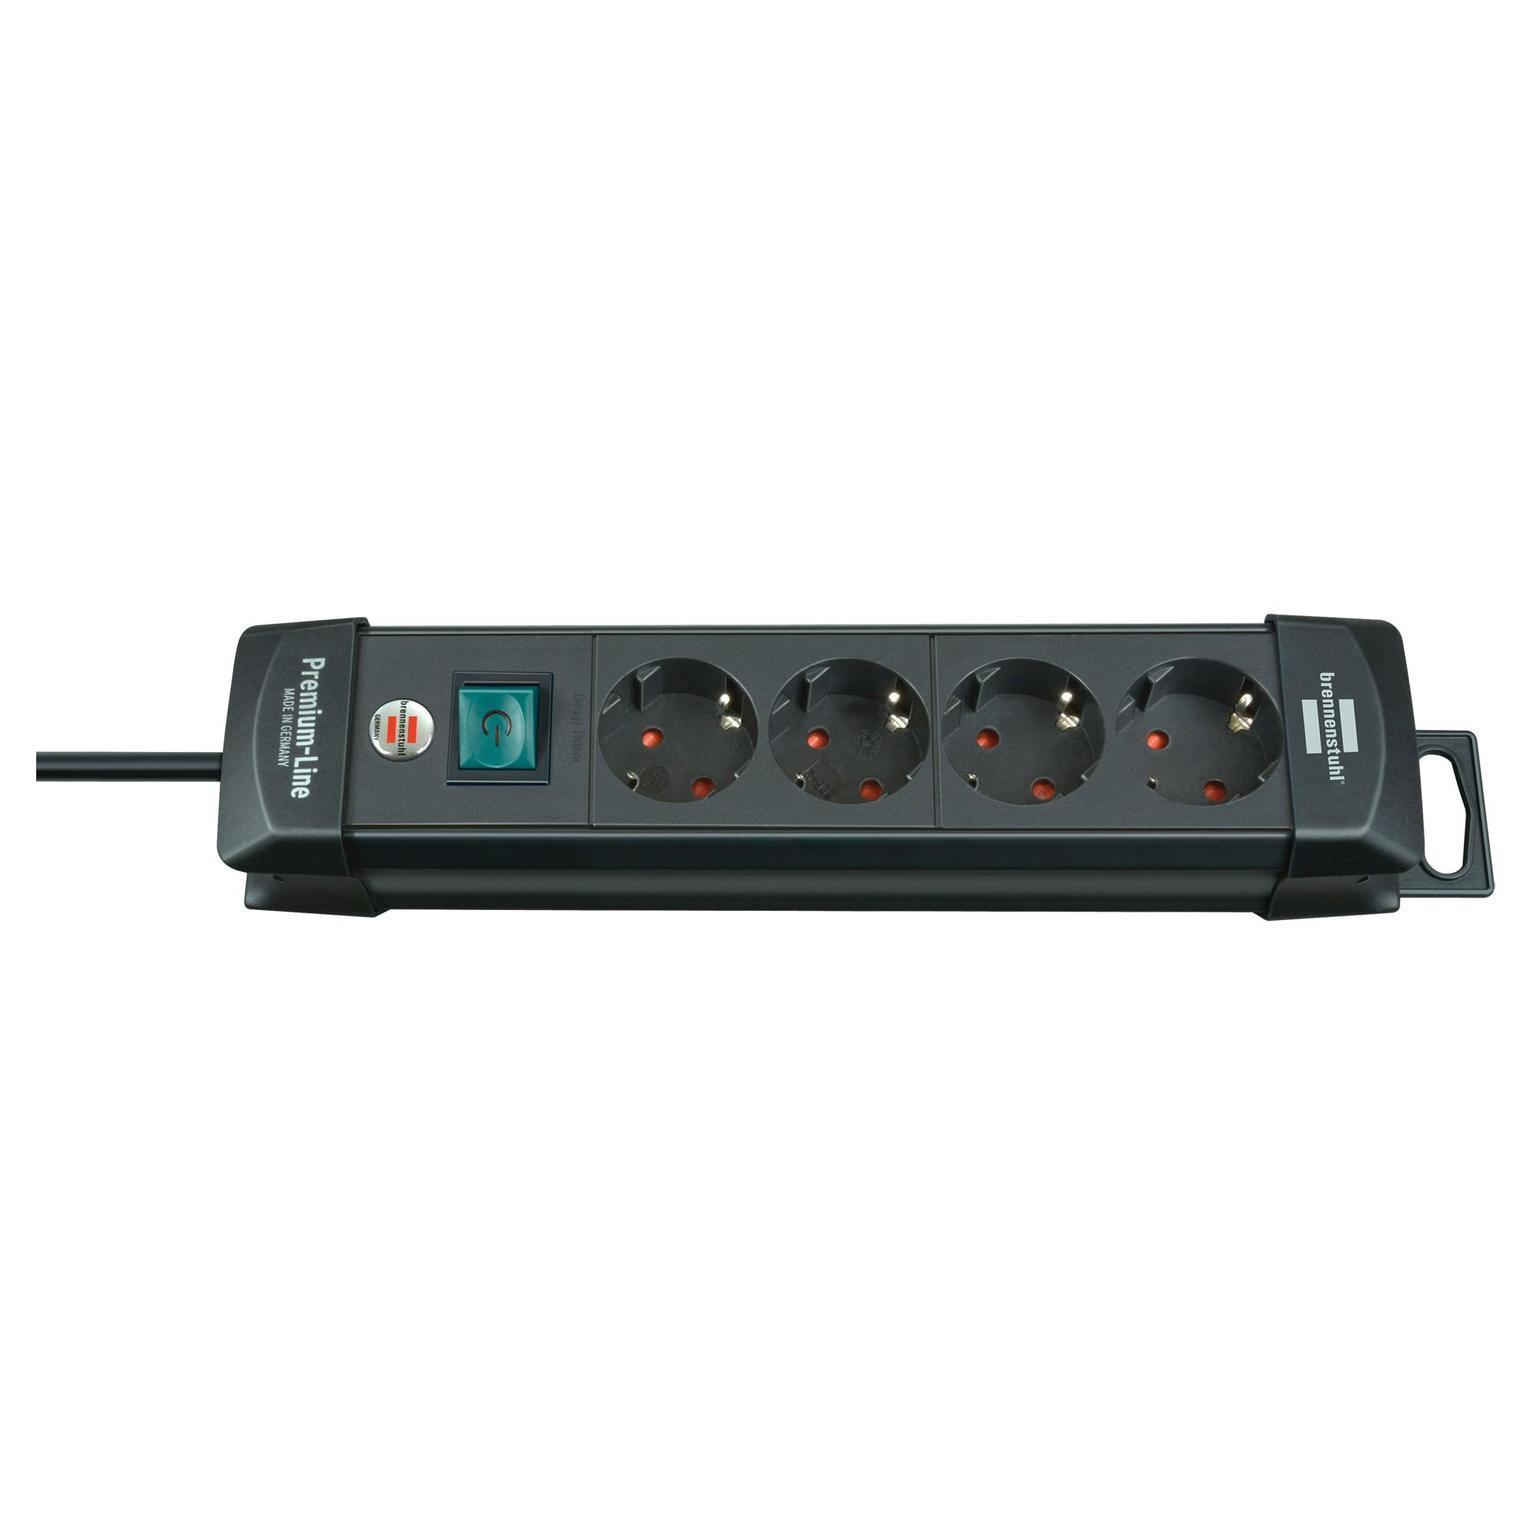 Brennenstuhl Premium-line 4-voudig zwart